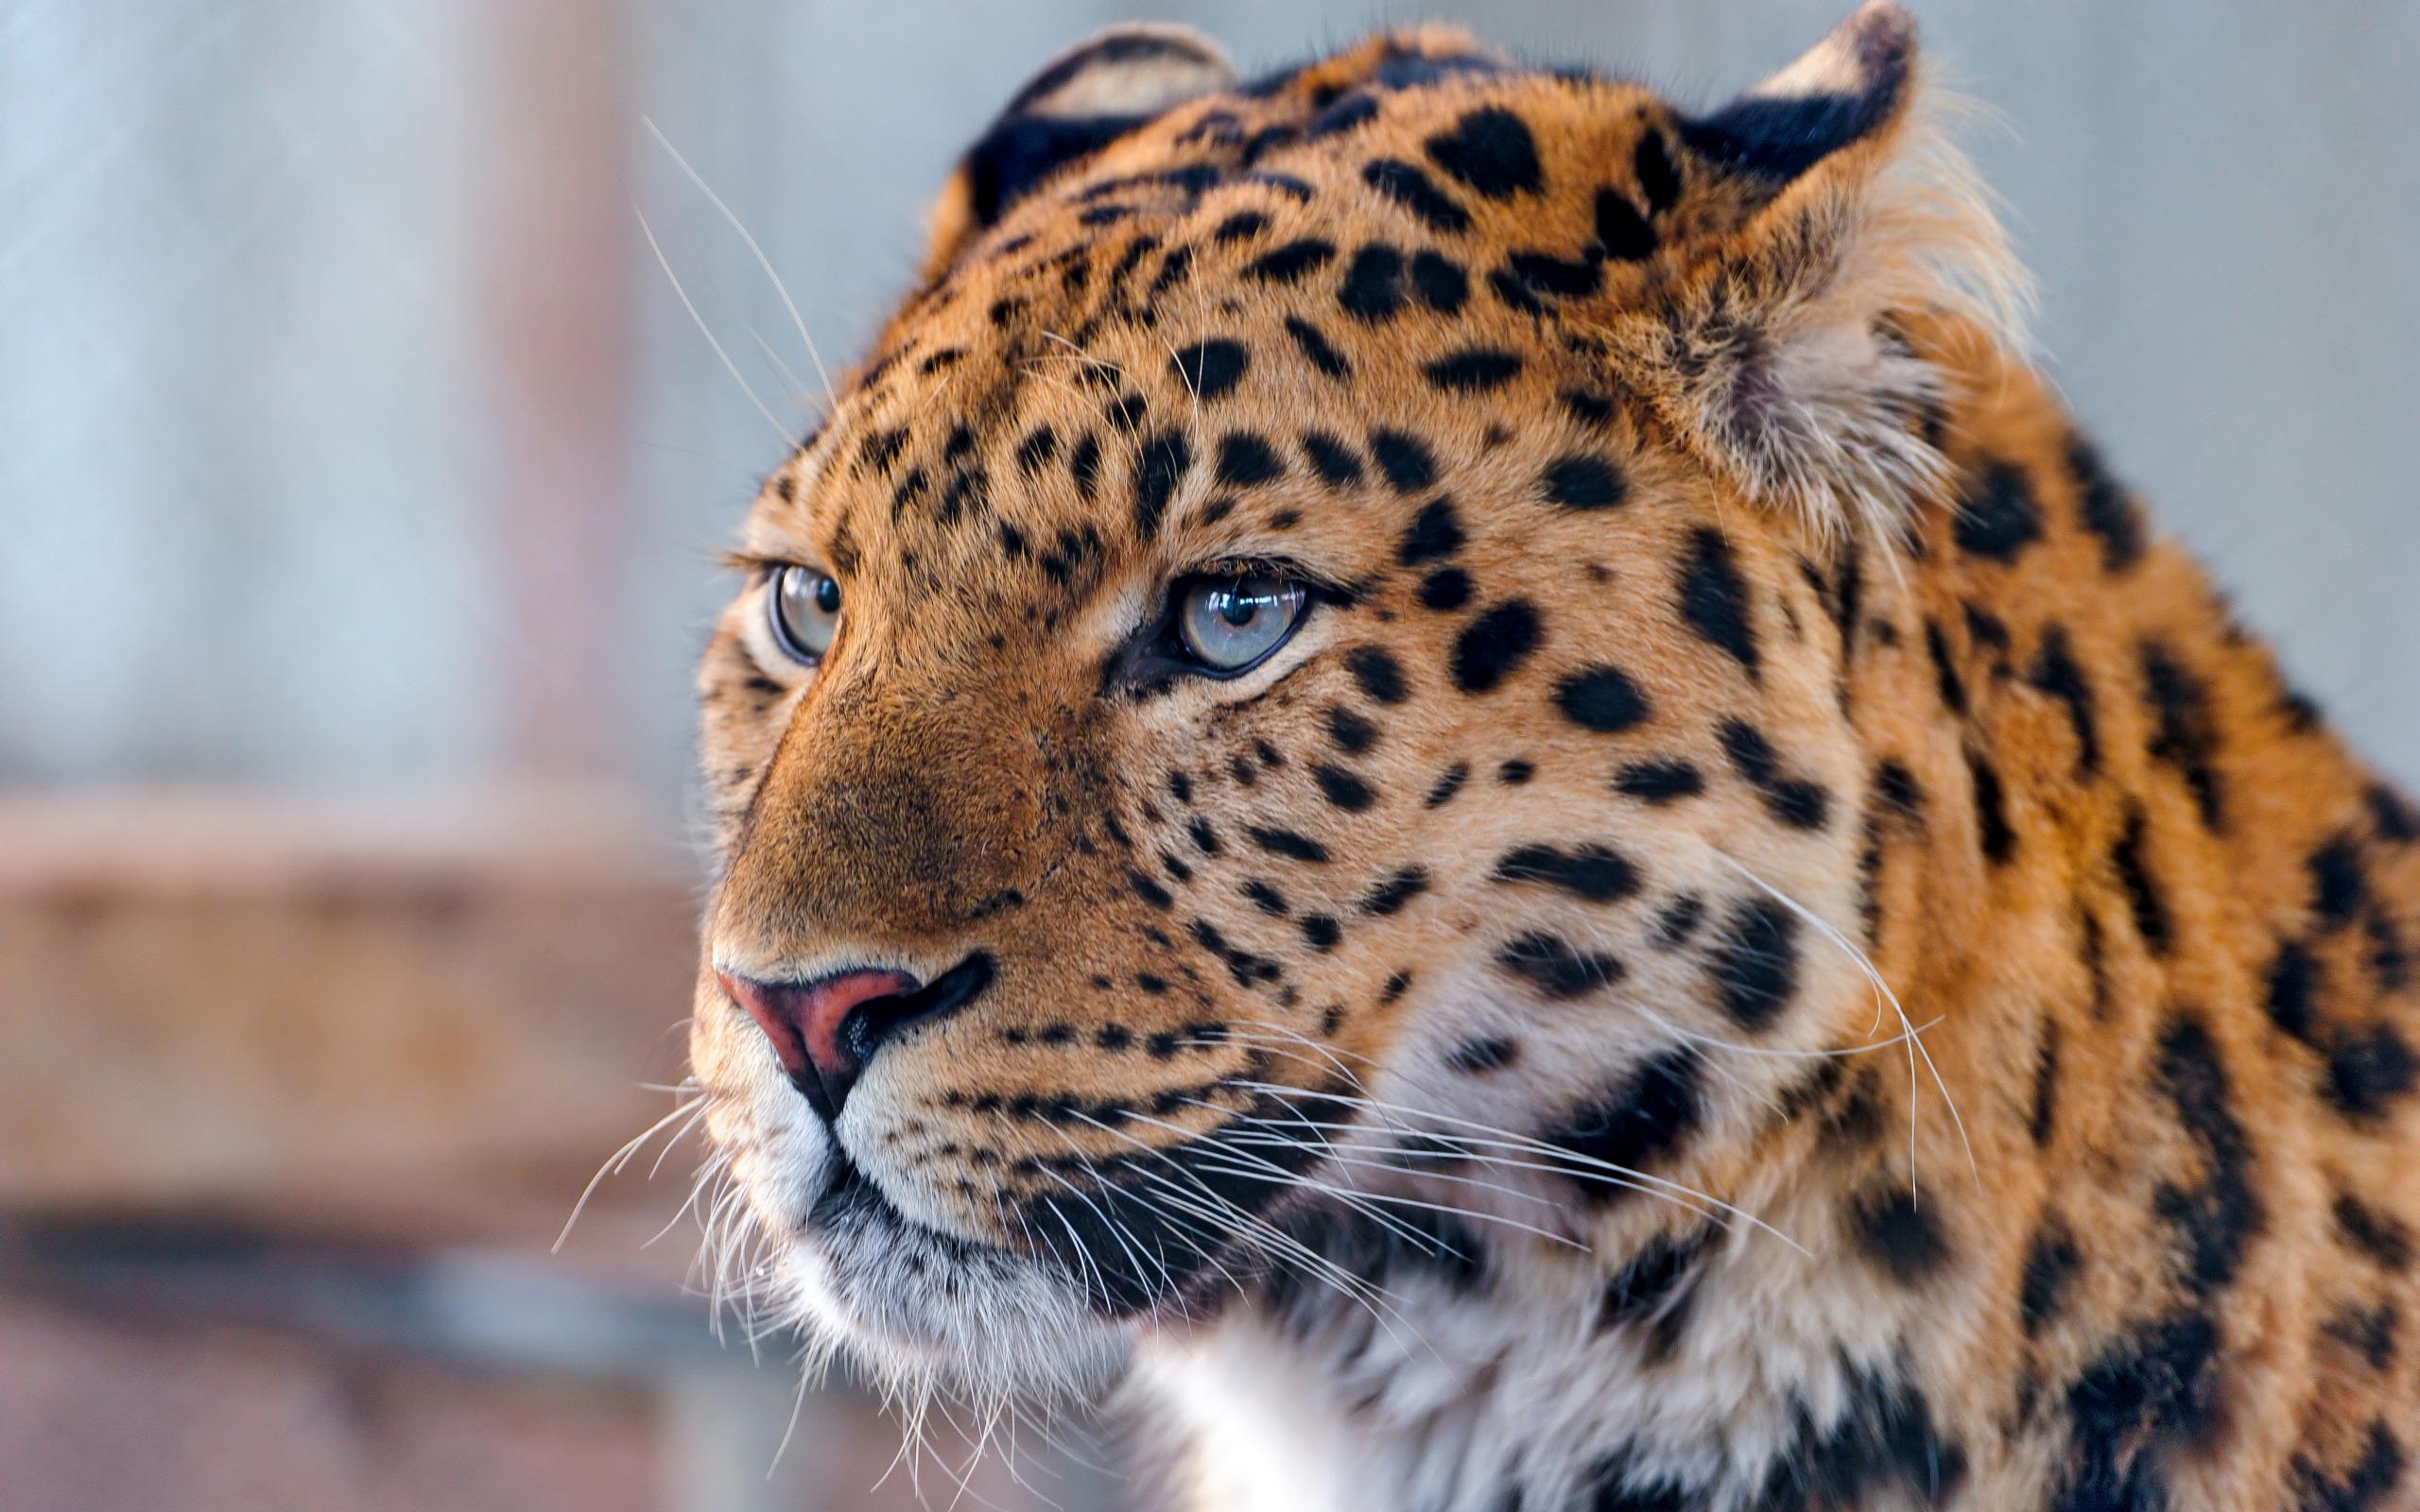 leopard image hd